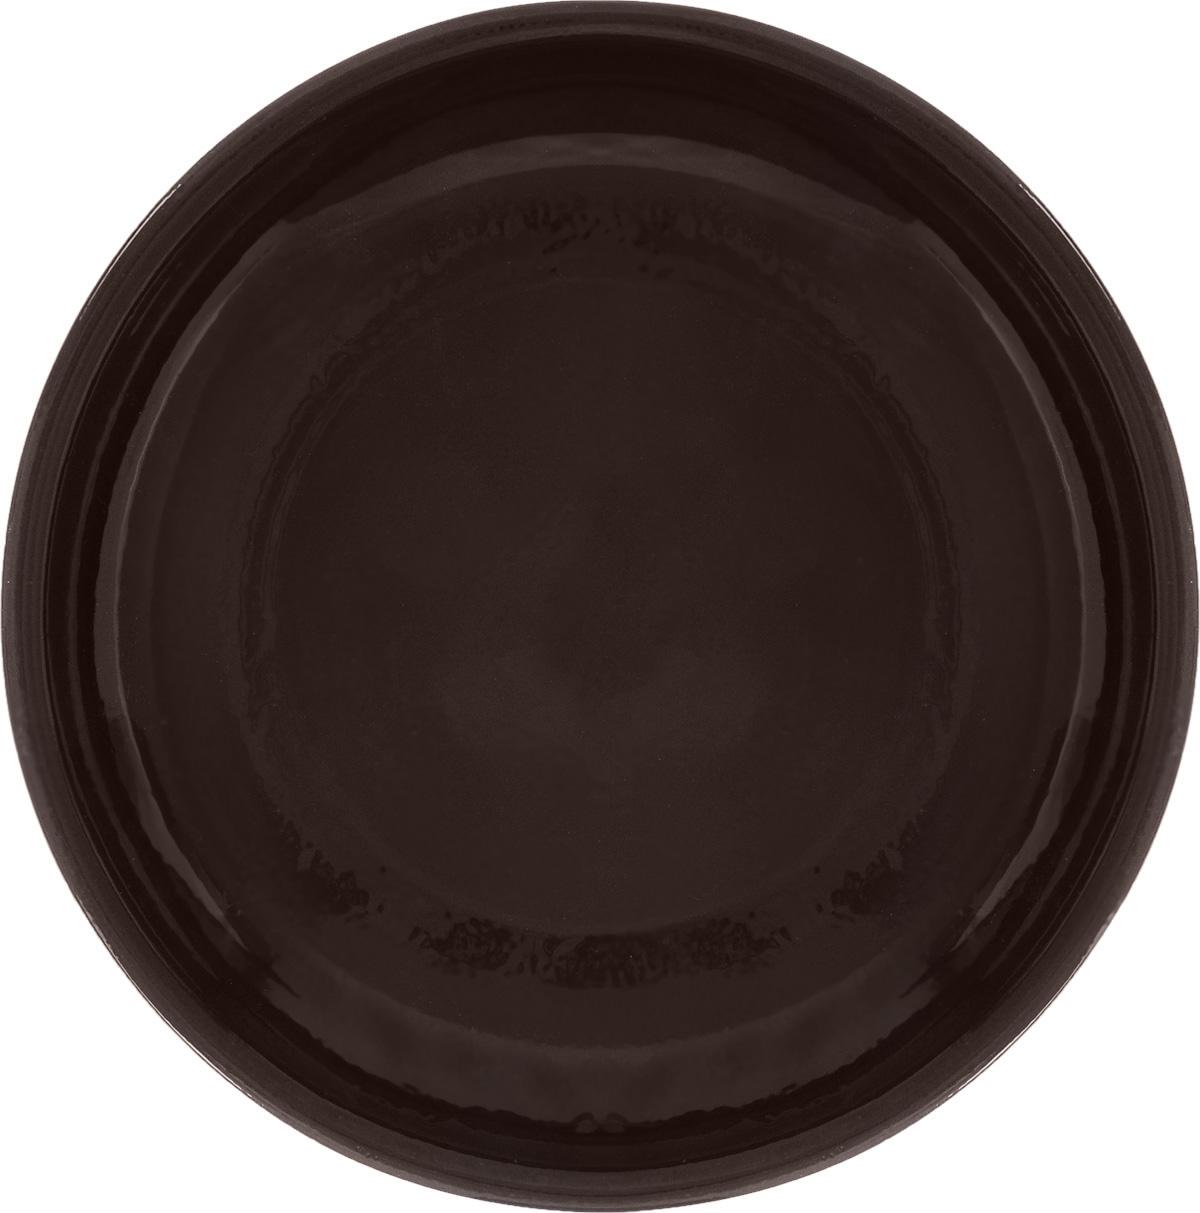 Тарелка Борисовская керамика Старина, цвет: темно-коричневый, диаметр 18 см1303756Тарелка Борисовская керамика Радуга, изготовленная из глины, имеет изысканный внешний вид. Лаконичный дизайн придется по вкусу и ценителям классики, и тем, кто предпочитает утонченность. Такая тарелка идеально подойдет для сервировки стола, а также для запекания вторых блюд в духовке.Тарелка Борисовская керамика Радуга впишется в любой интерьер современной кухни и станет отличным подарком для вас и ваших близких.Можно использовать в микроволновой печи и духовке. Диаметр (по верхнему краю): 18 см.